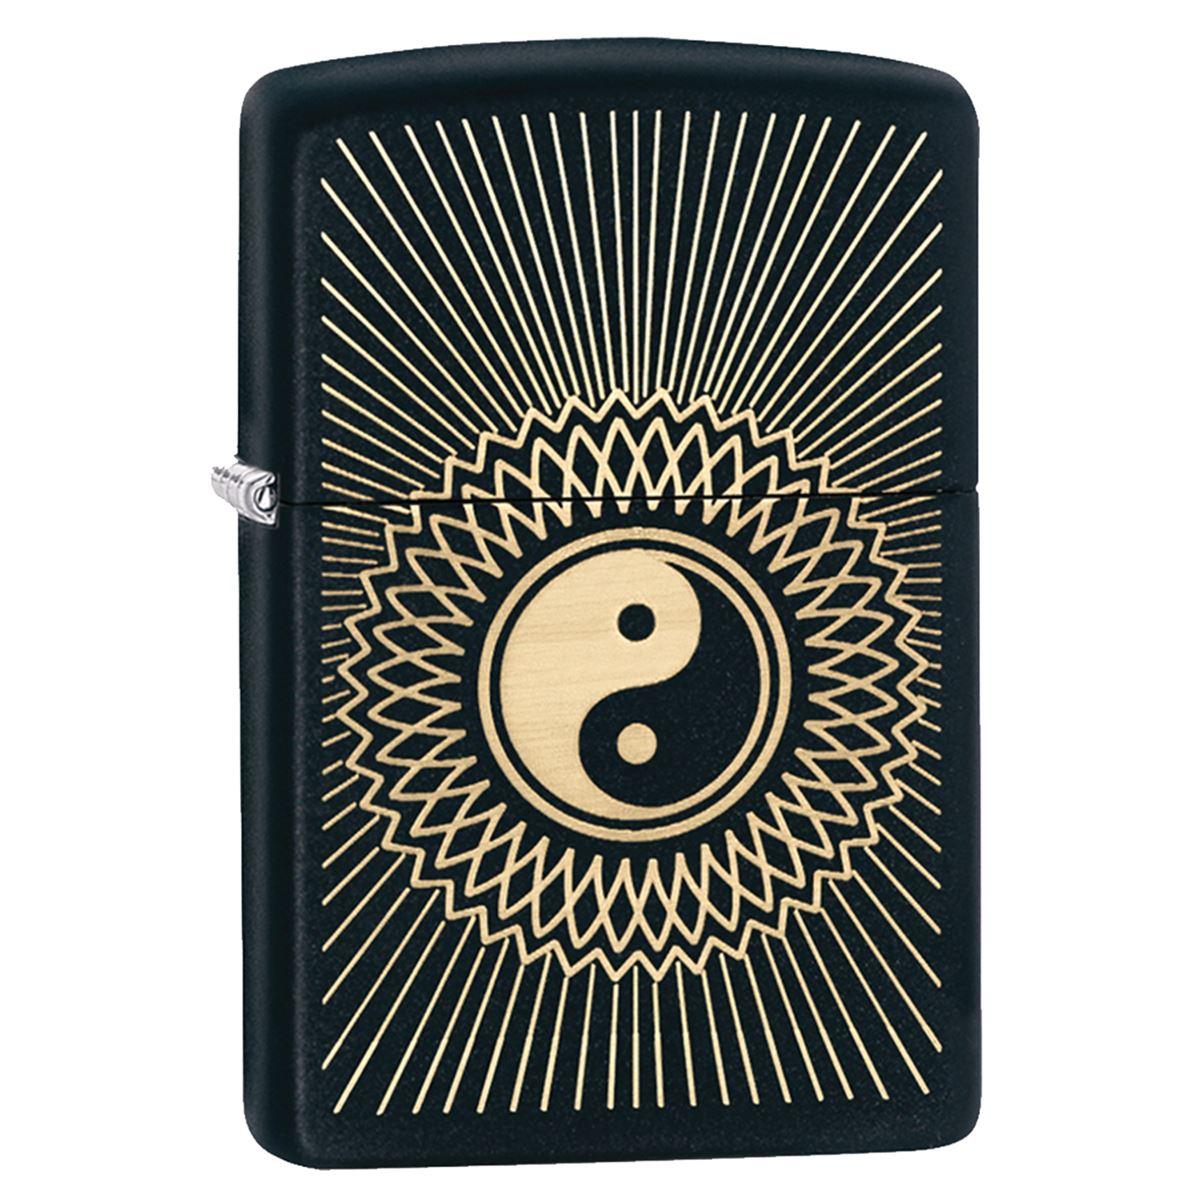 Encendedor zippo negro yin yang  - Sanborns